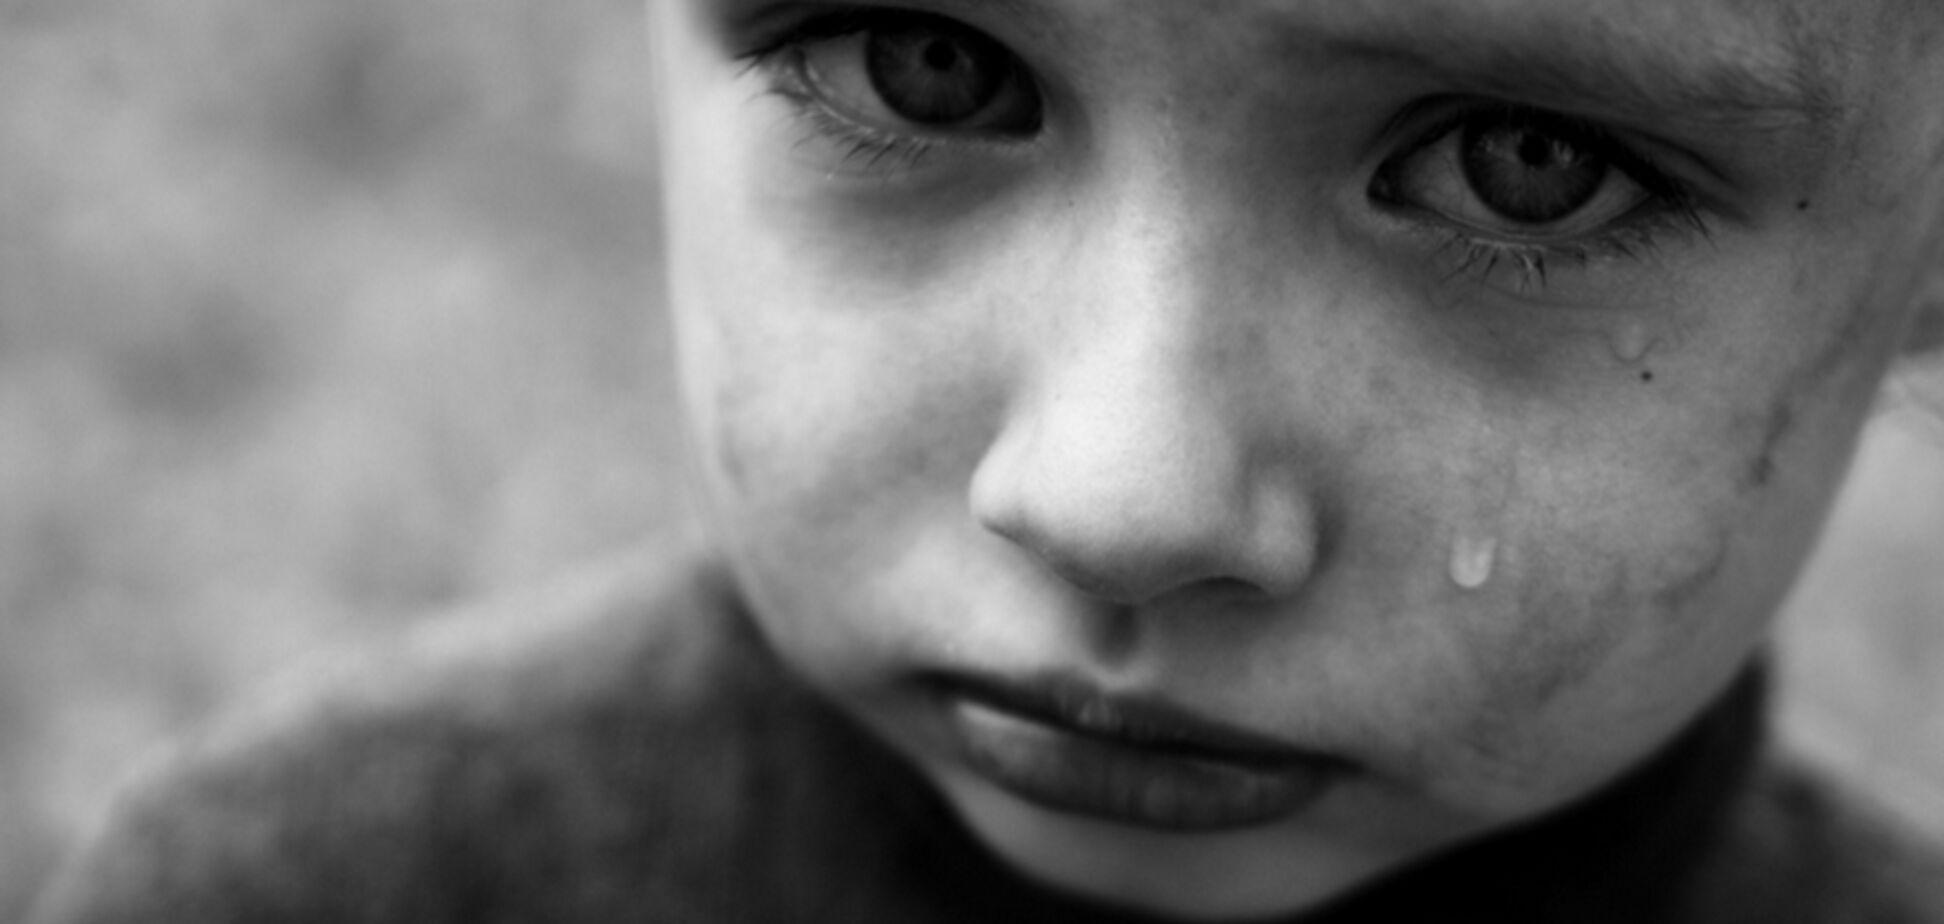 Дитина стікала кров'ю: на Тернопільщині підліток згвалтував восьмирічного хлопчика